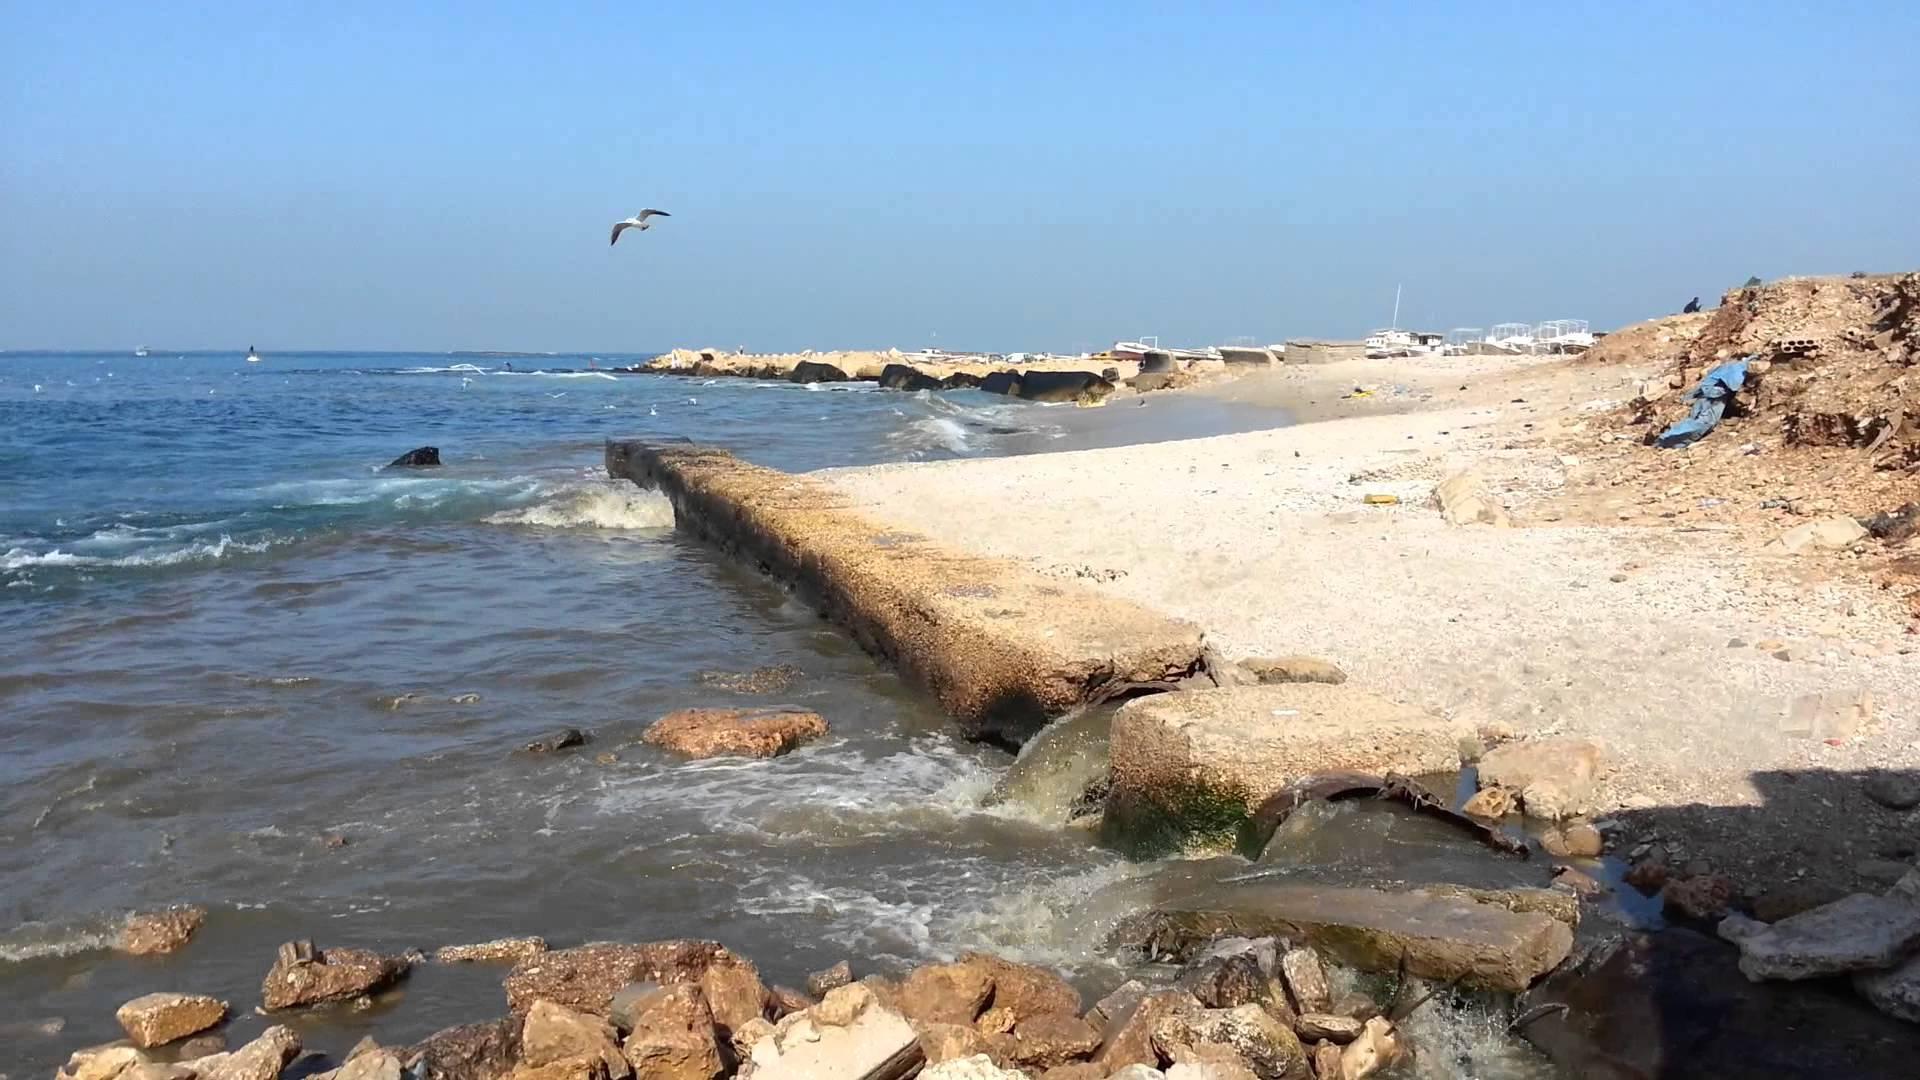 وكالة الصحافة الفلسطينية -  جودة البيئة : انقطاع الكهرباء يحوّل شاطئ غزة إلى مستنقع آسن